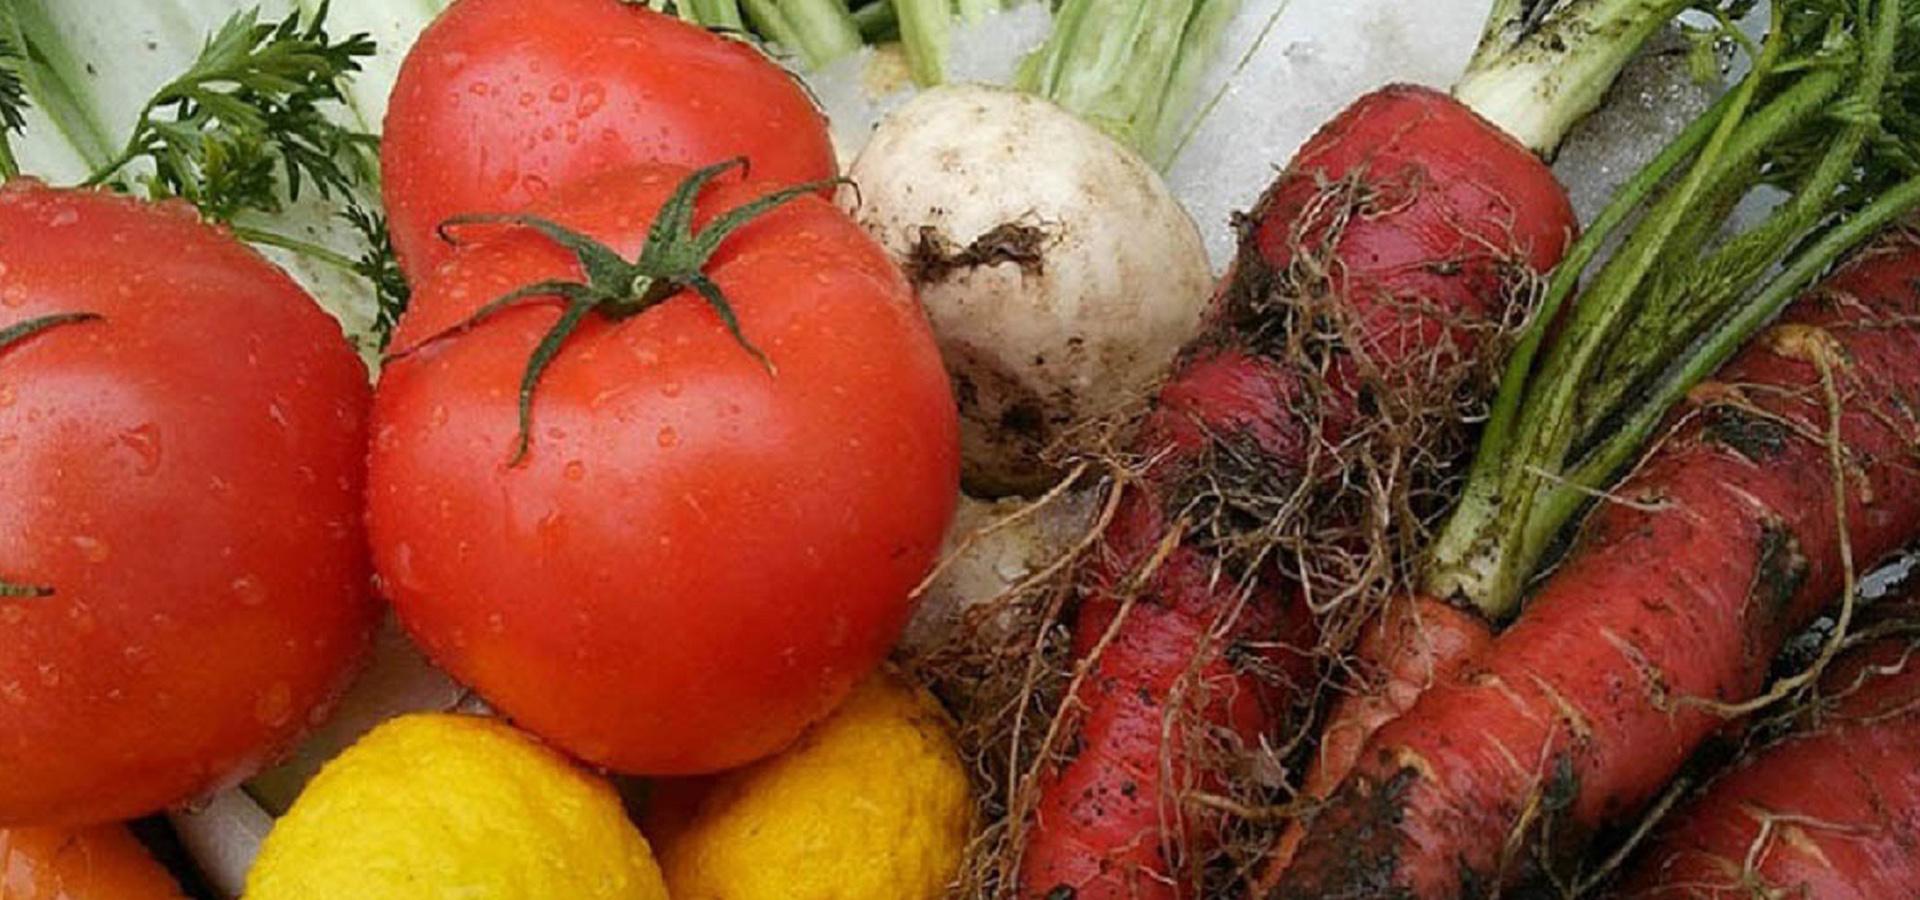 なにわ伝統野菜と大阪産野菜